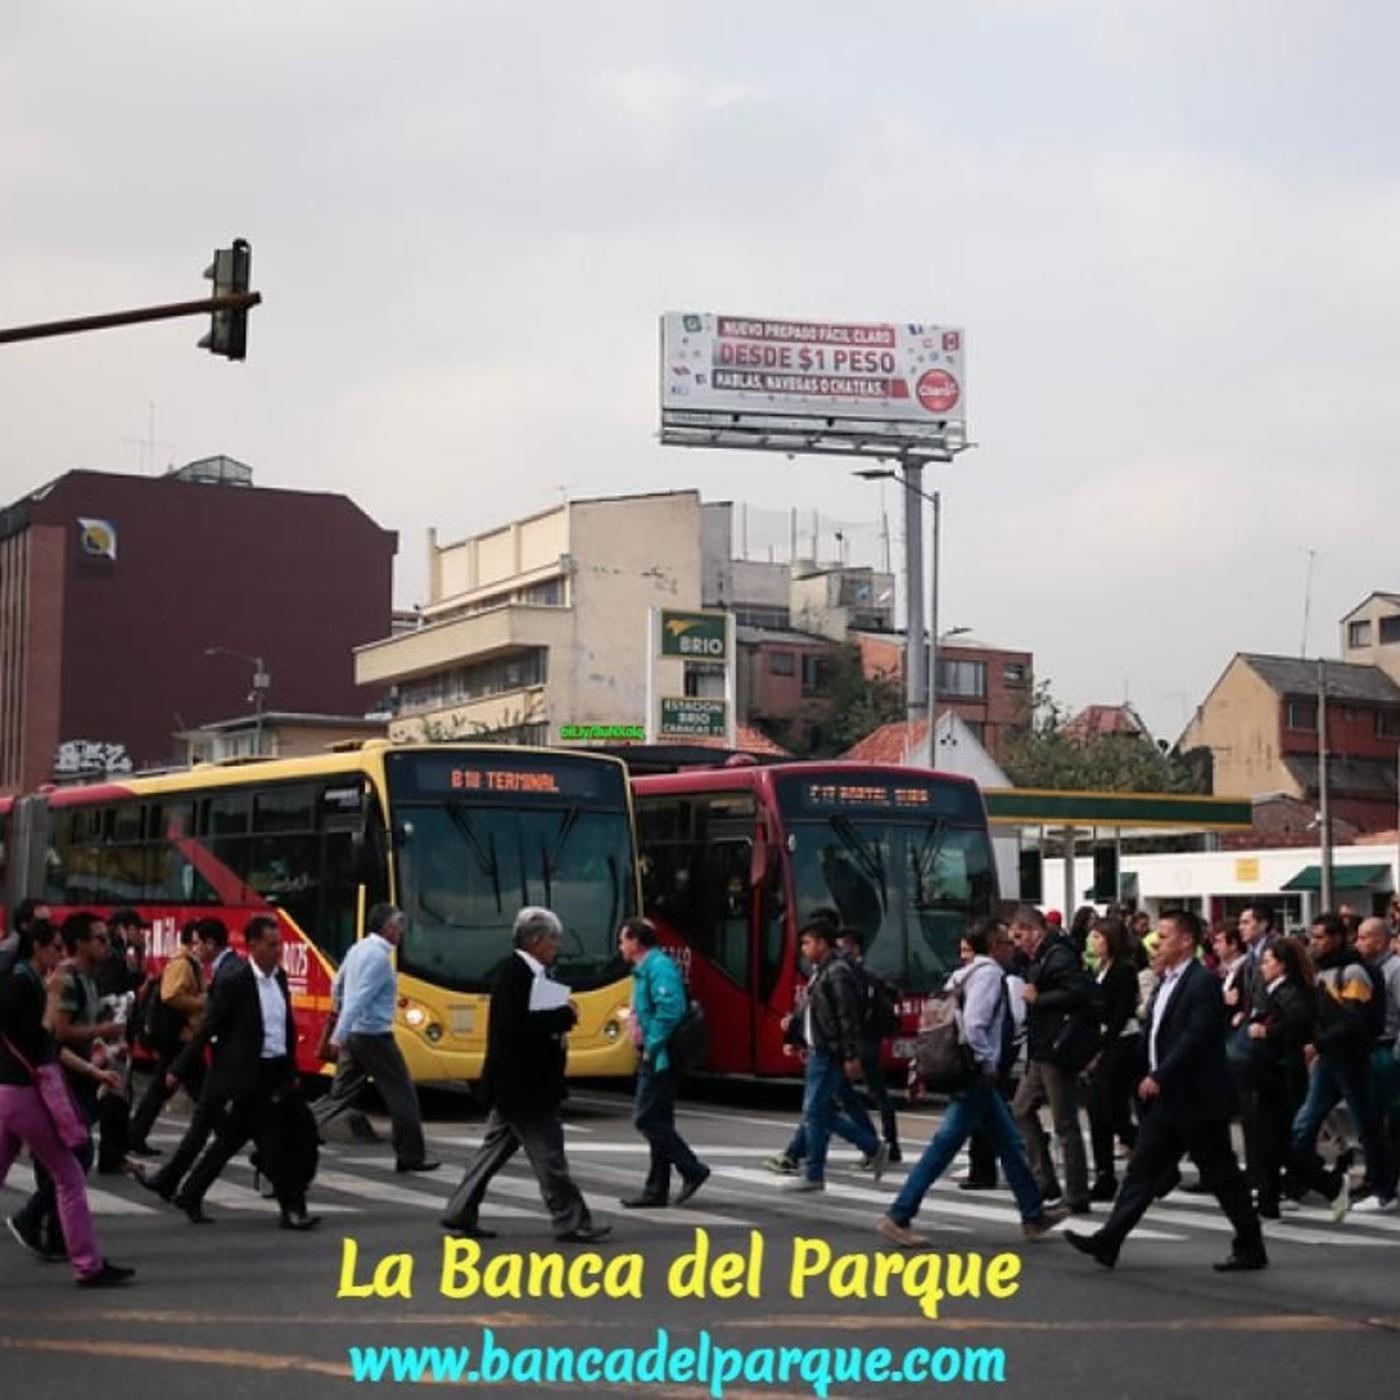 16.04.2021 - La Banca del Parque - Guillermo Camacho Cabrera - Primero los Peatones